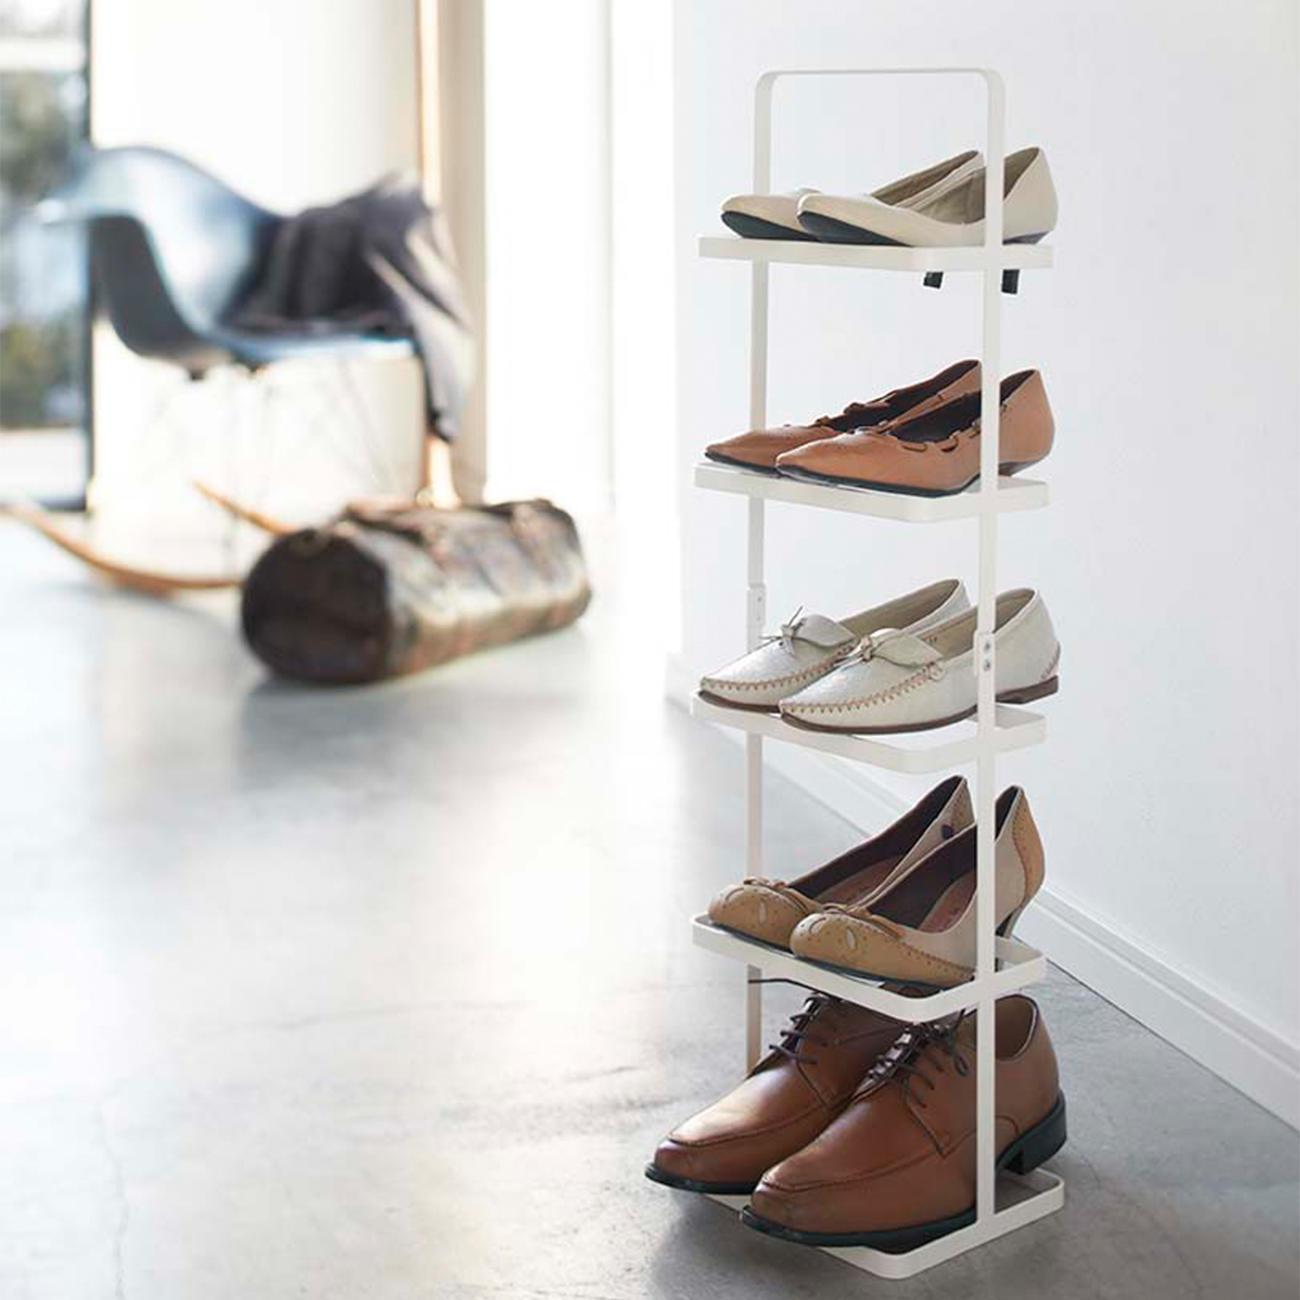 tragbares schuhregal tower wei mit 3 jahren garantie. Black Bedroom Furniture Sets. Home Design Ideas